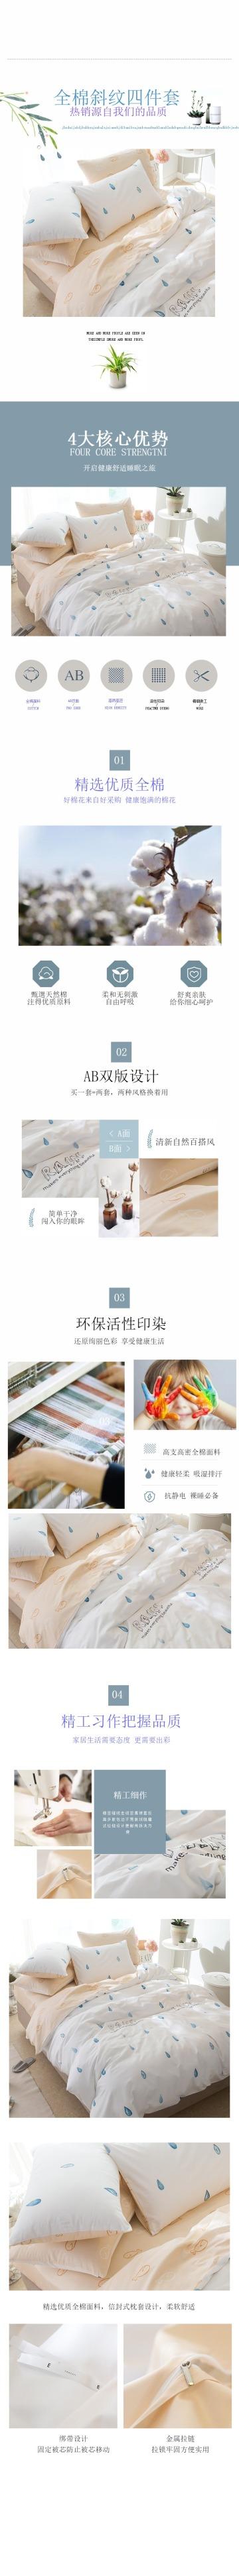 清新文艺棉被家纺电商详情页